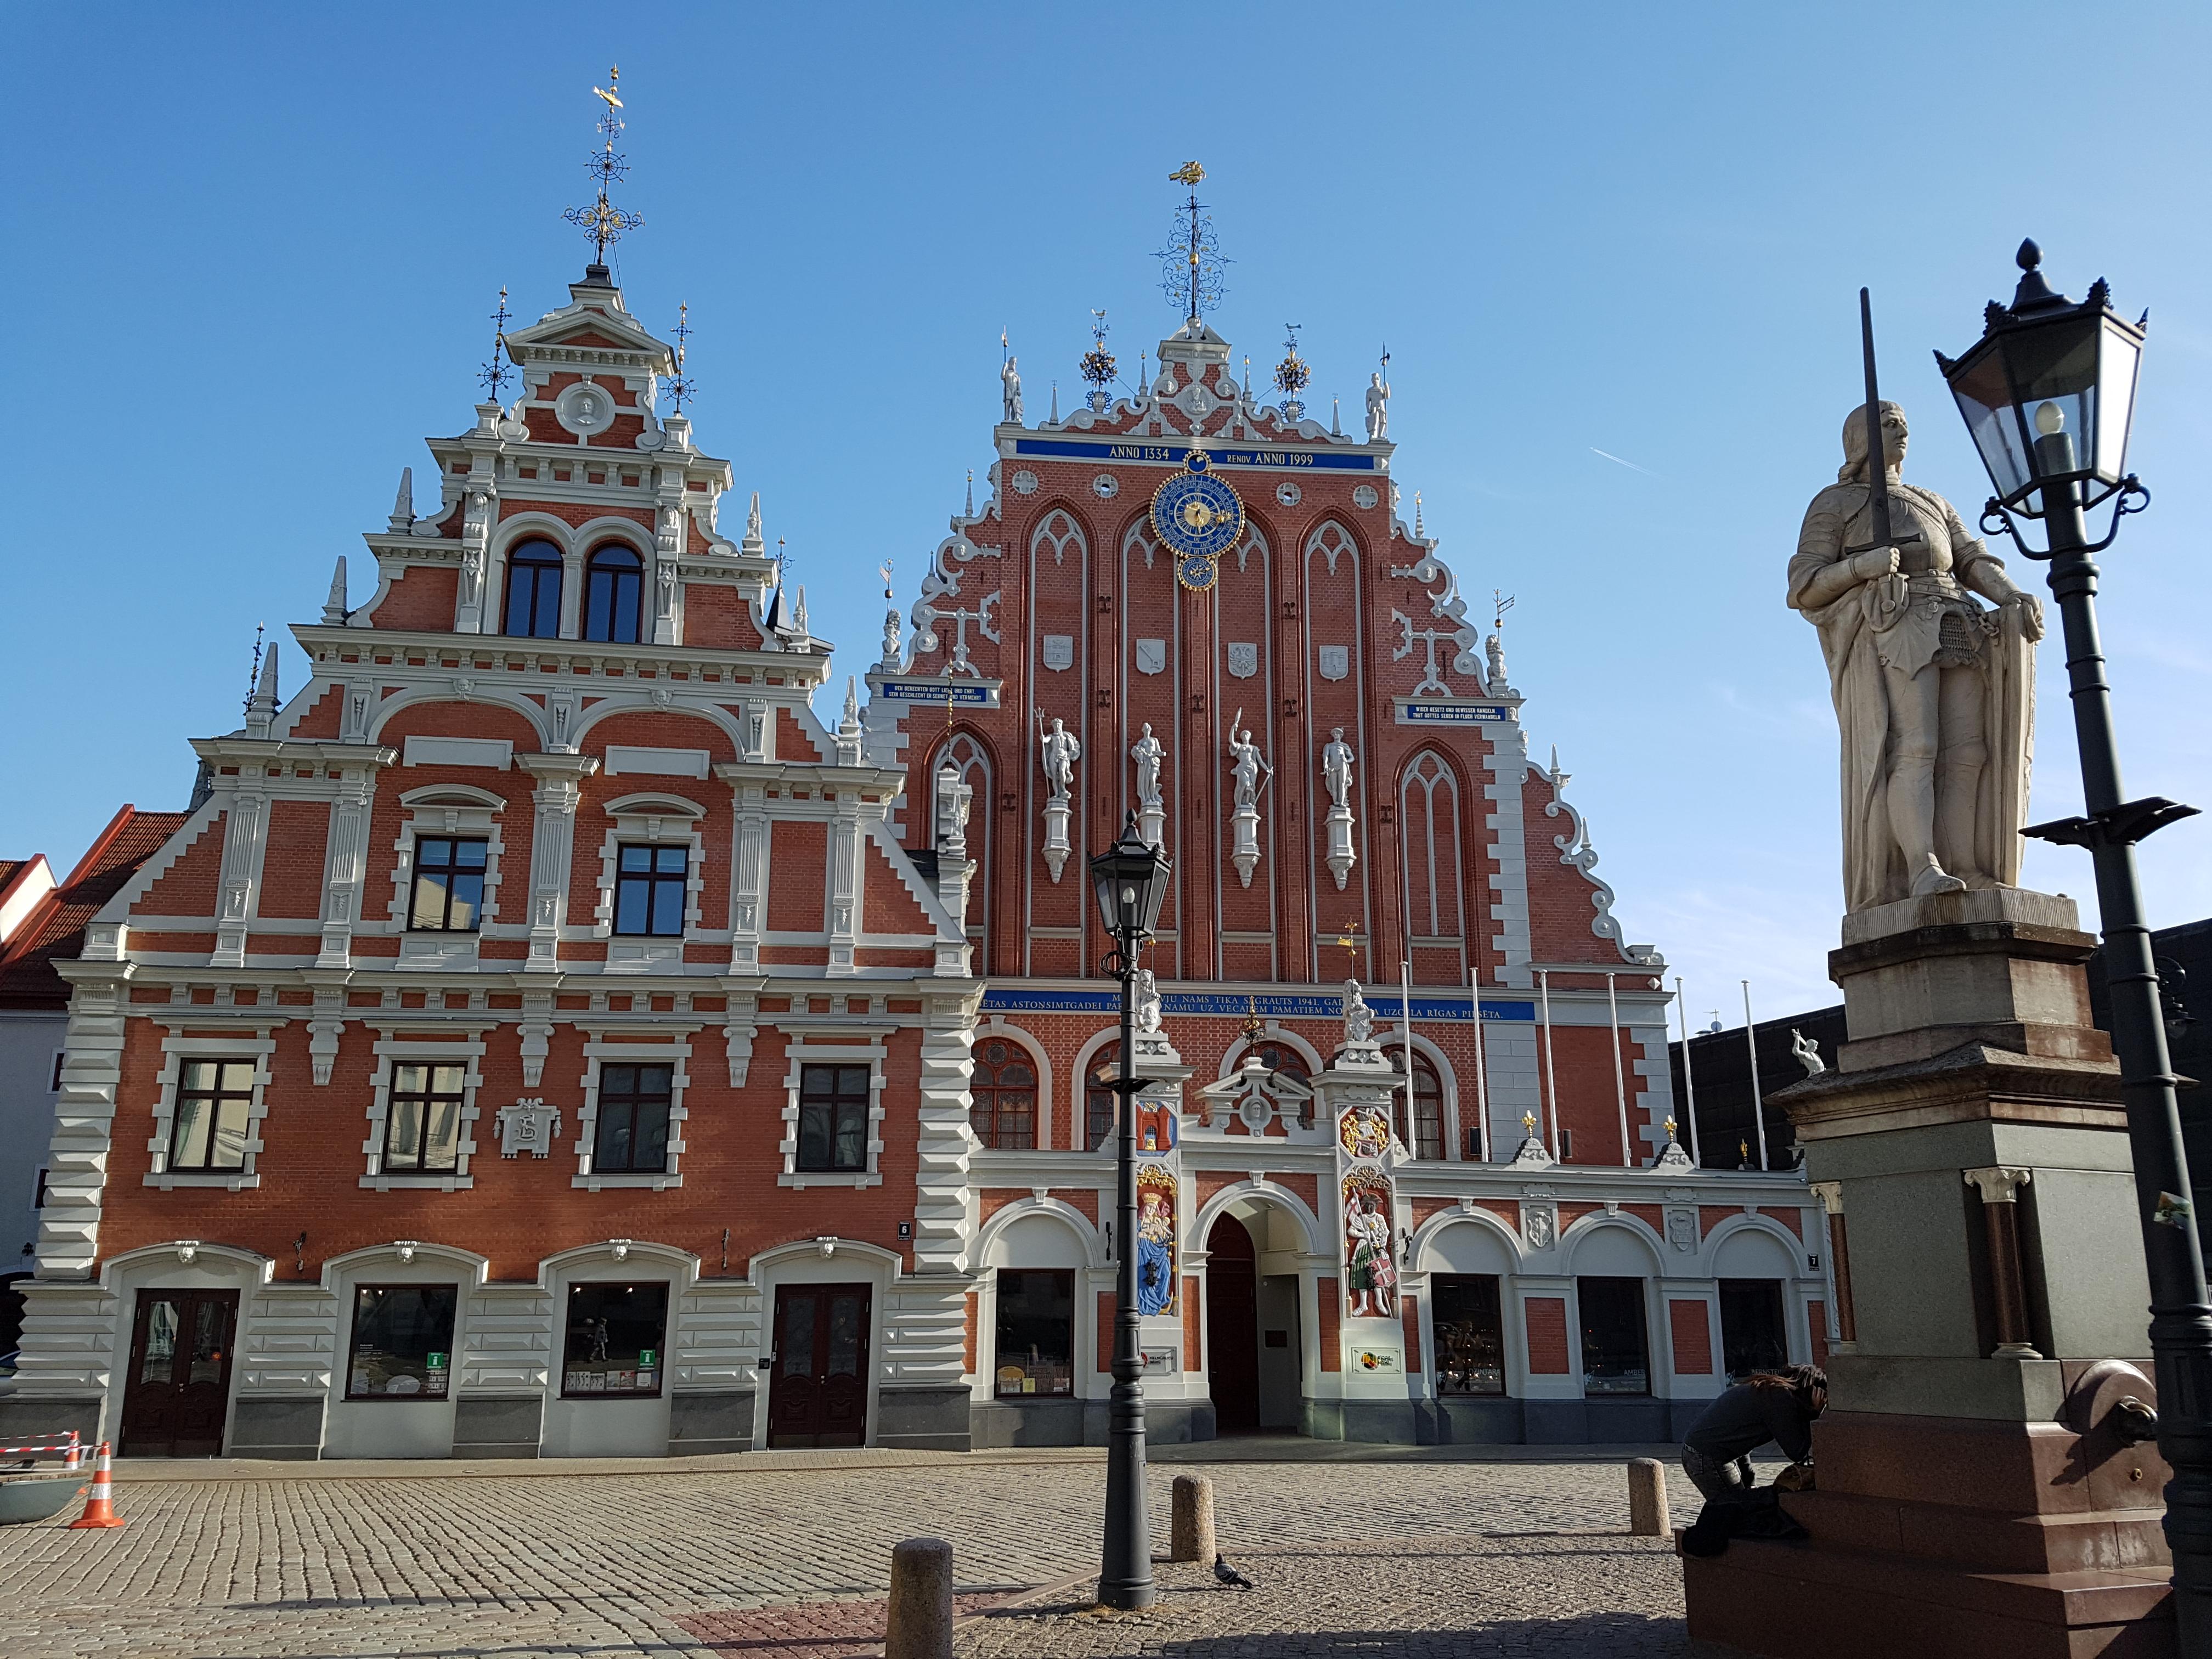 발트3국여행(7) 라트비아 수도 리가 구시가 10대명소